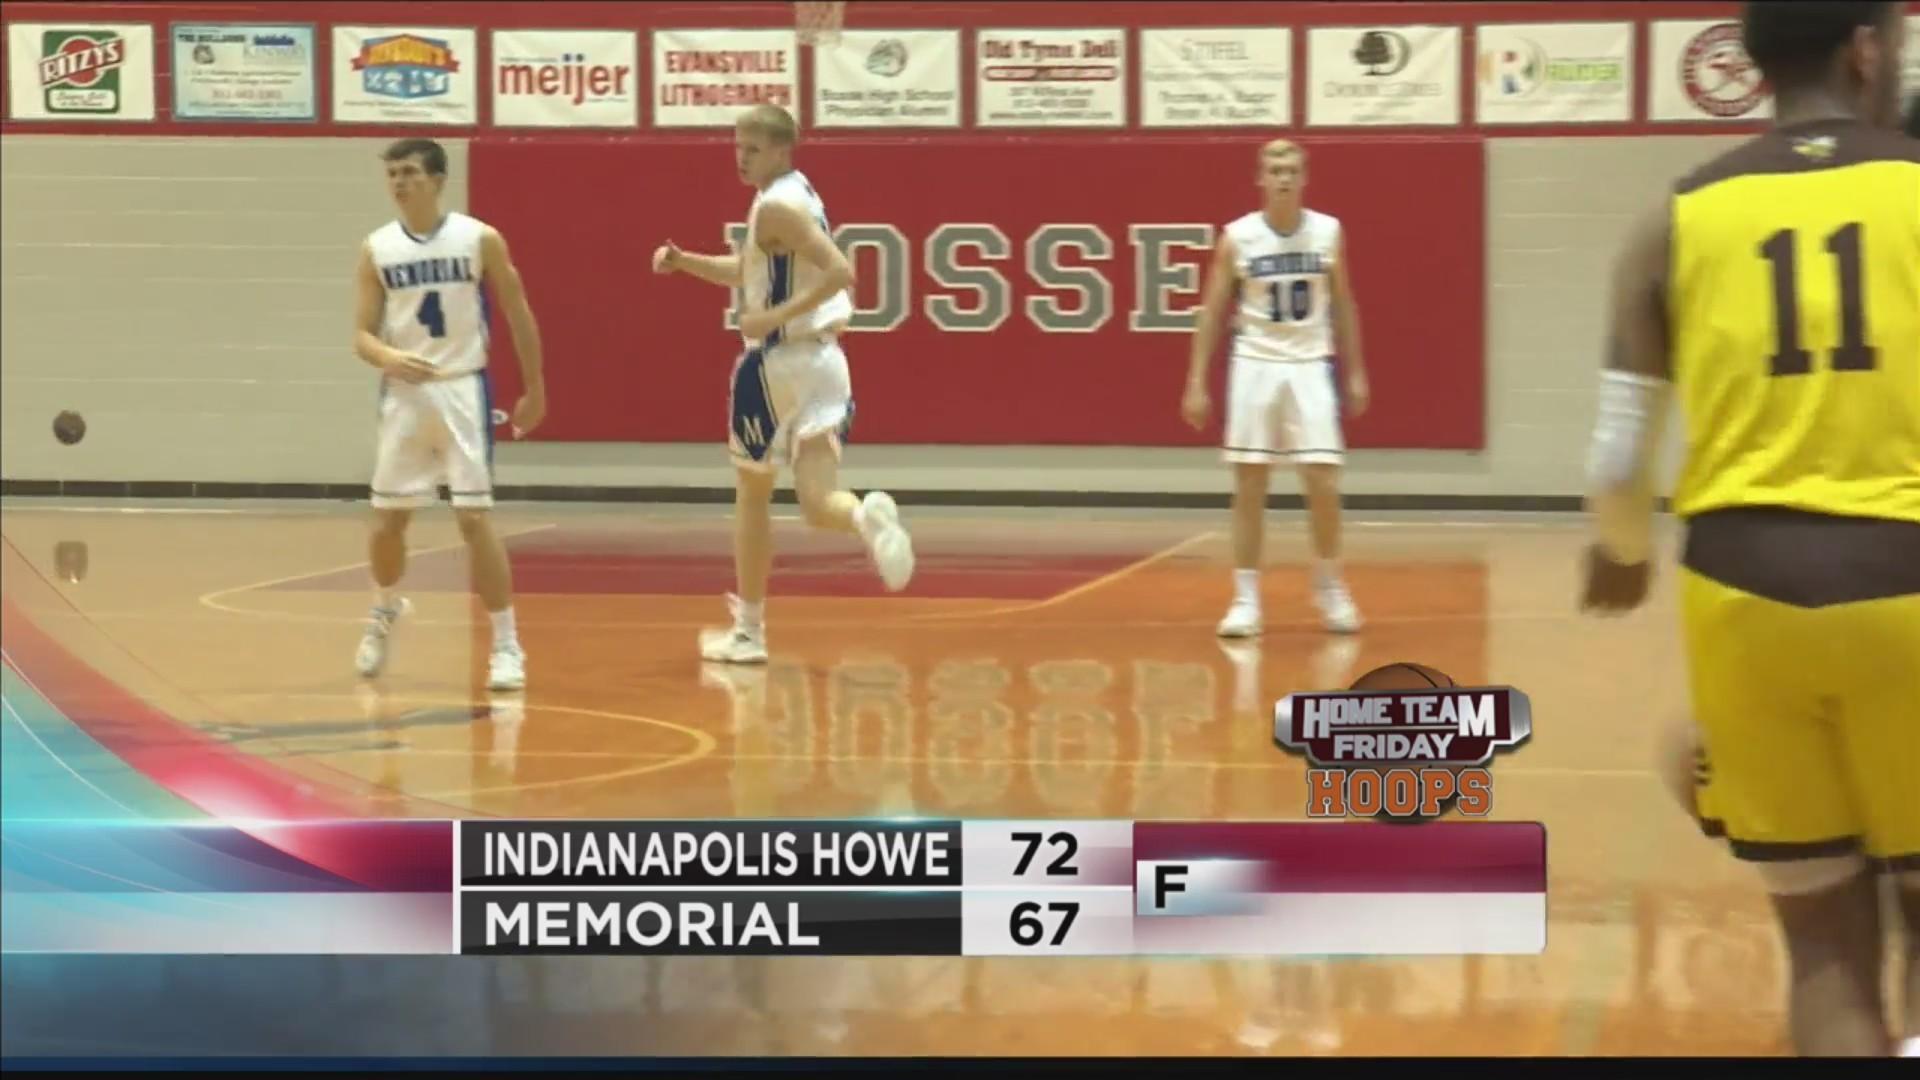 HTF Hoops: Memorial vs Indianapolis Howe